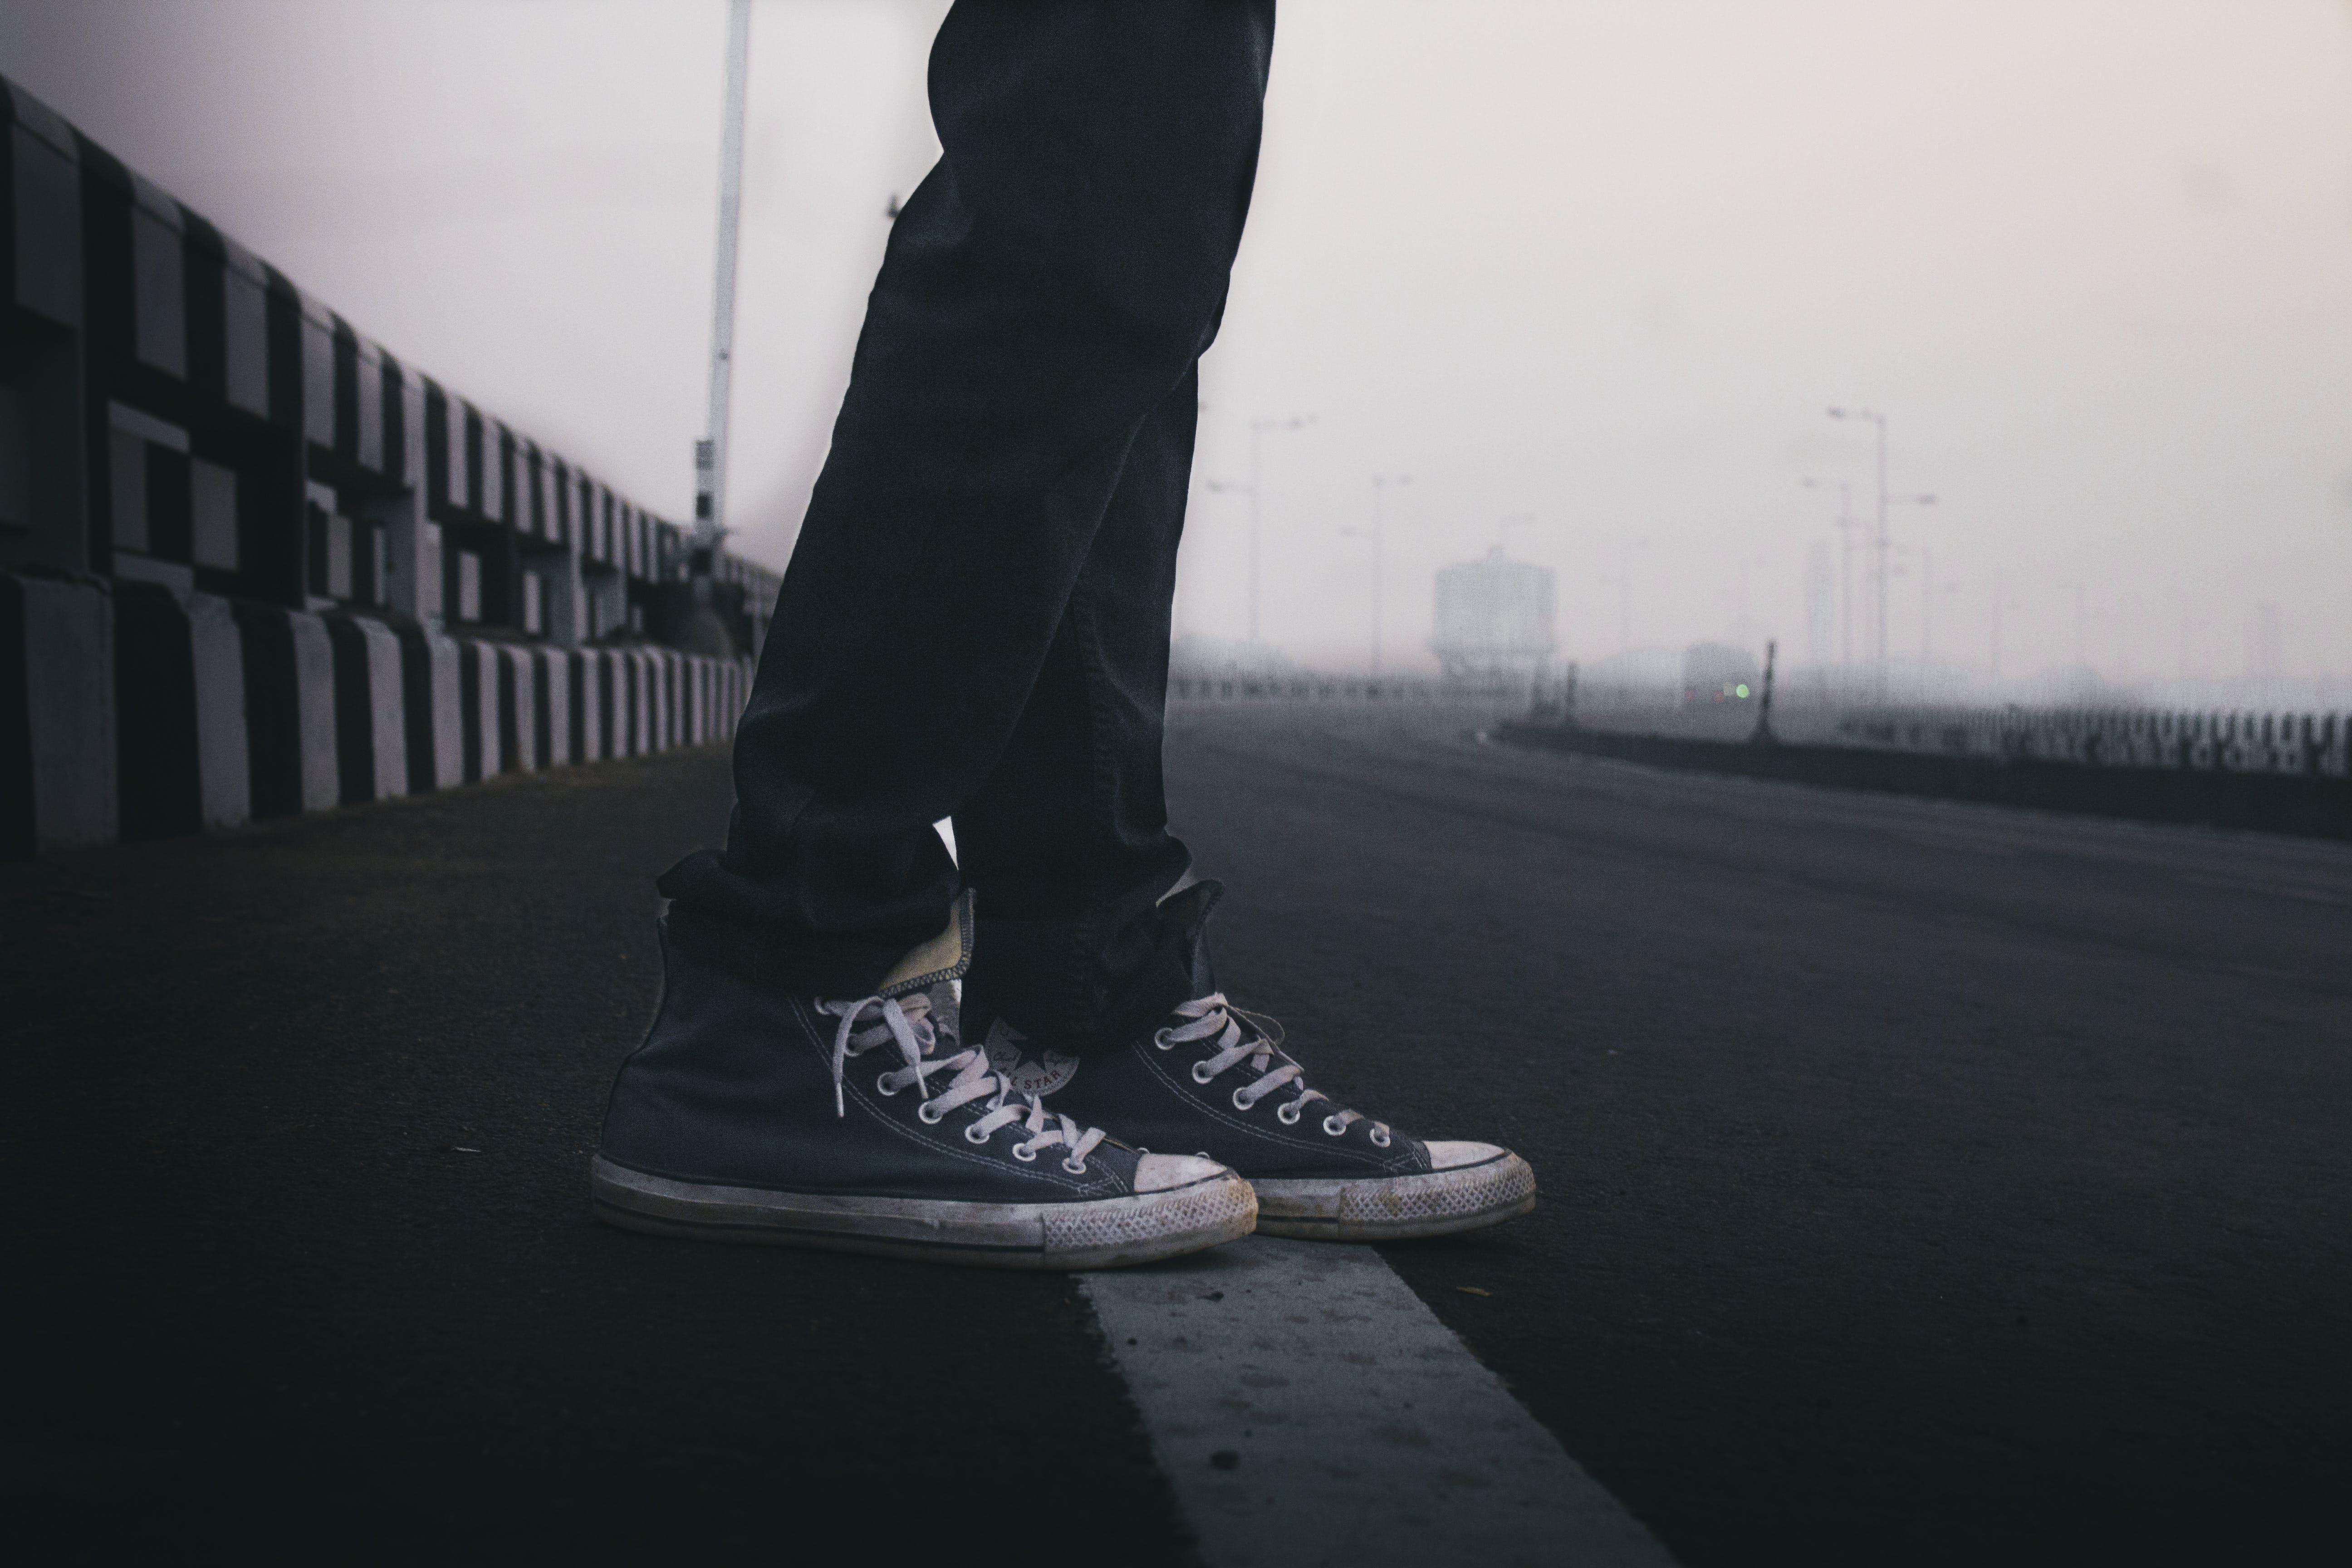 남자, 다리, 도로, 발의 무료 스톡 사진